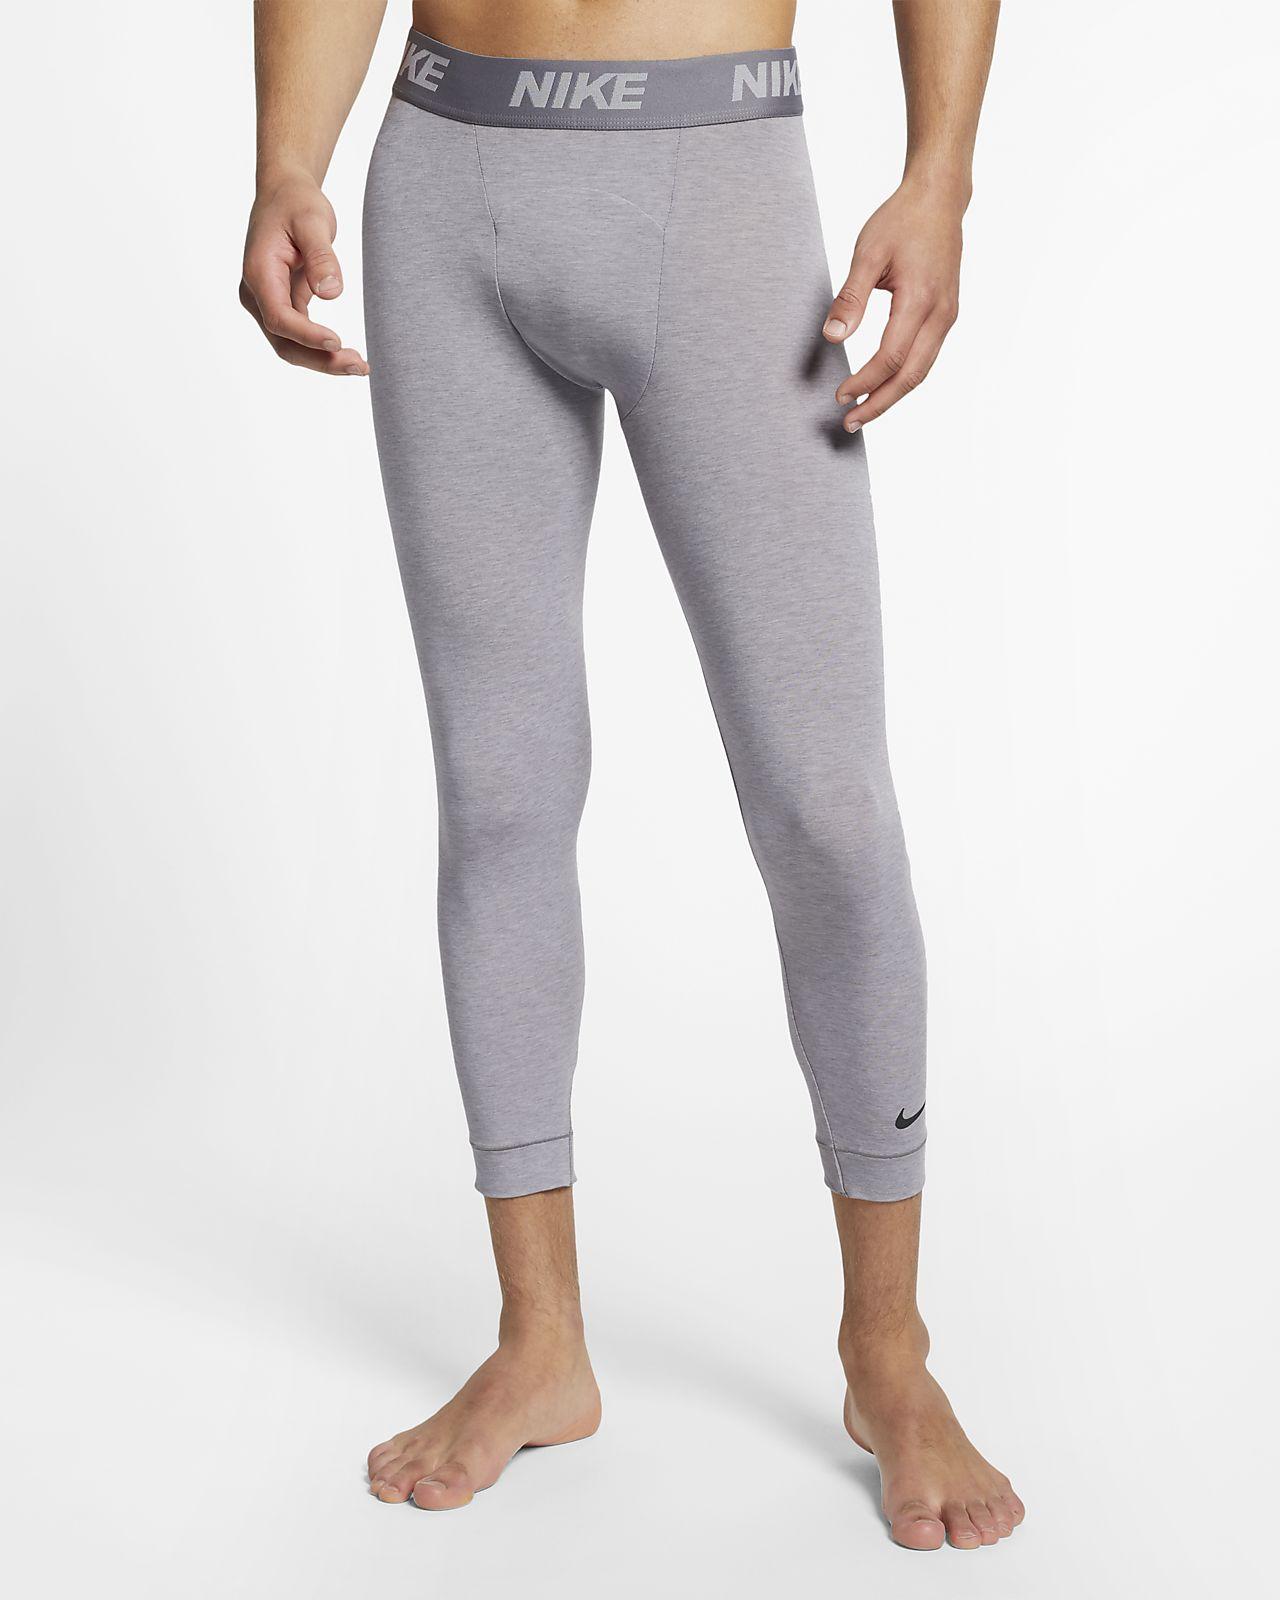 Nike Dri-FIT 3/4-yogatrainingstights voor heren